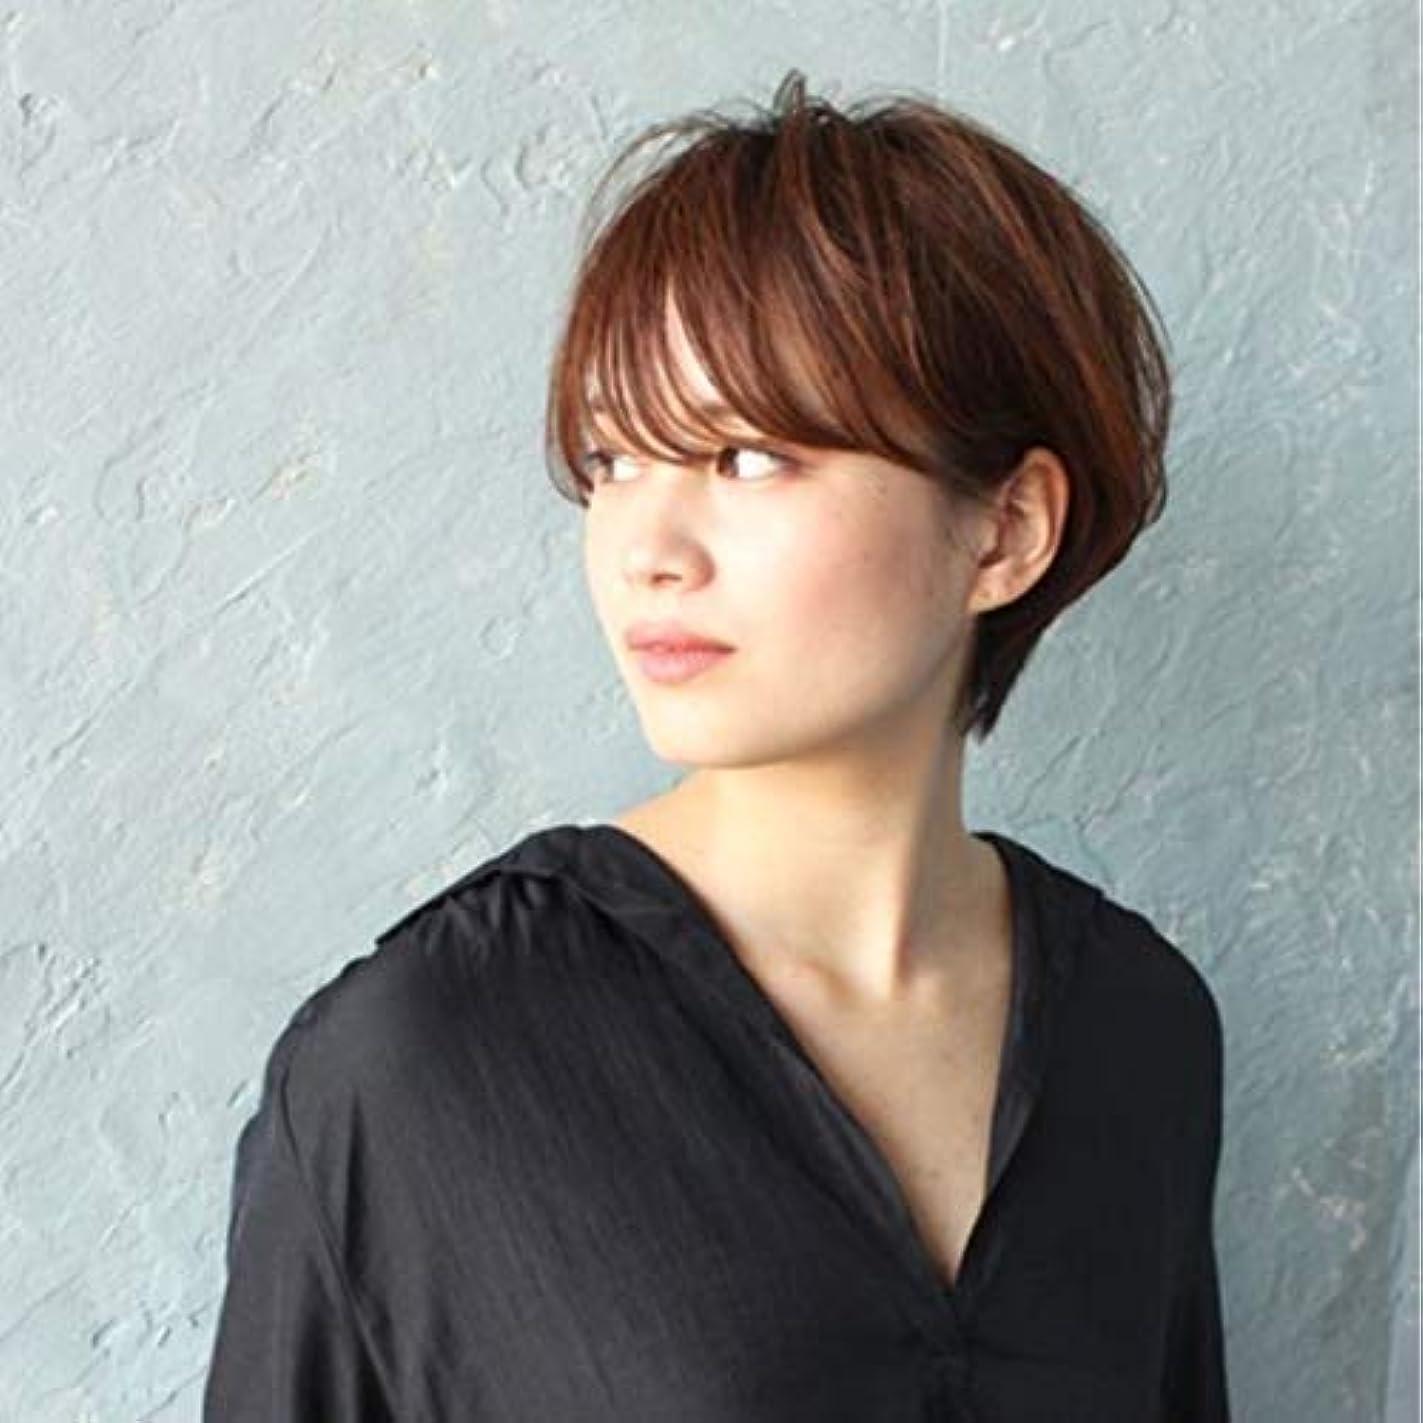 深めるマーチャンダイジング剣Kerwinner ウィッグショートヘア斜め前髪ウィッグヘッドギア自然に見える耐熱性女性用 (Color : Light brown)